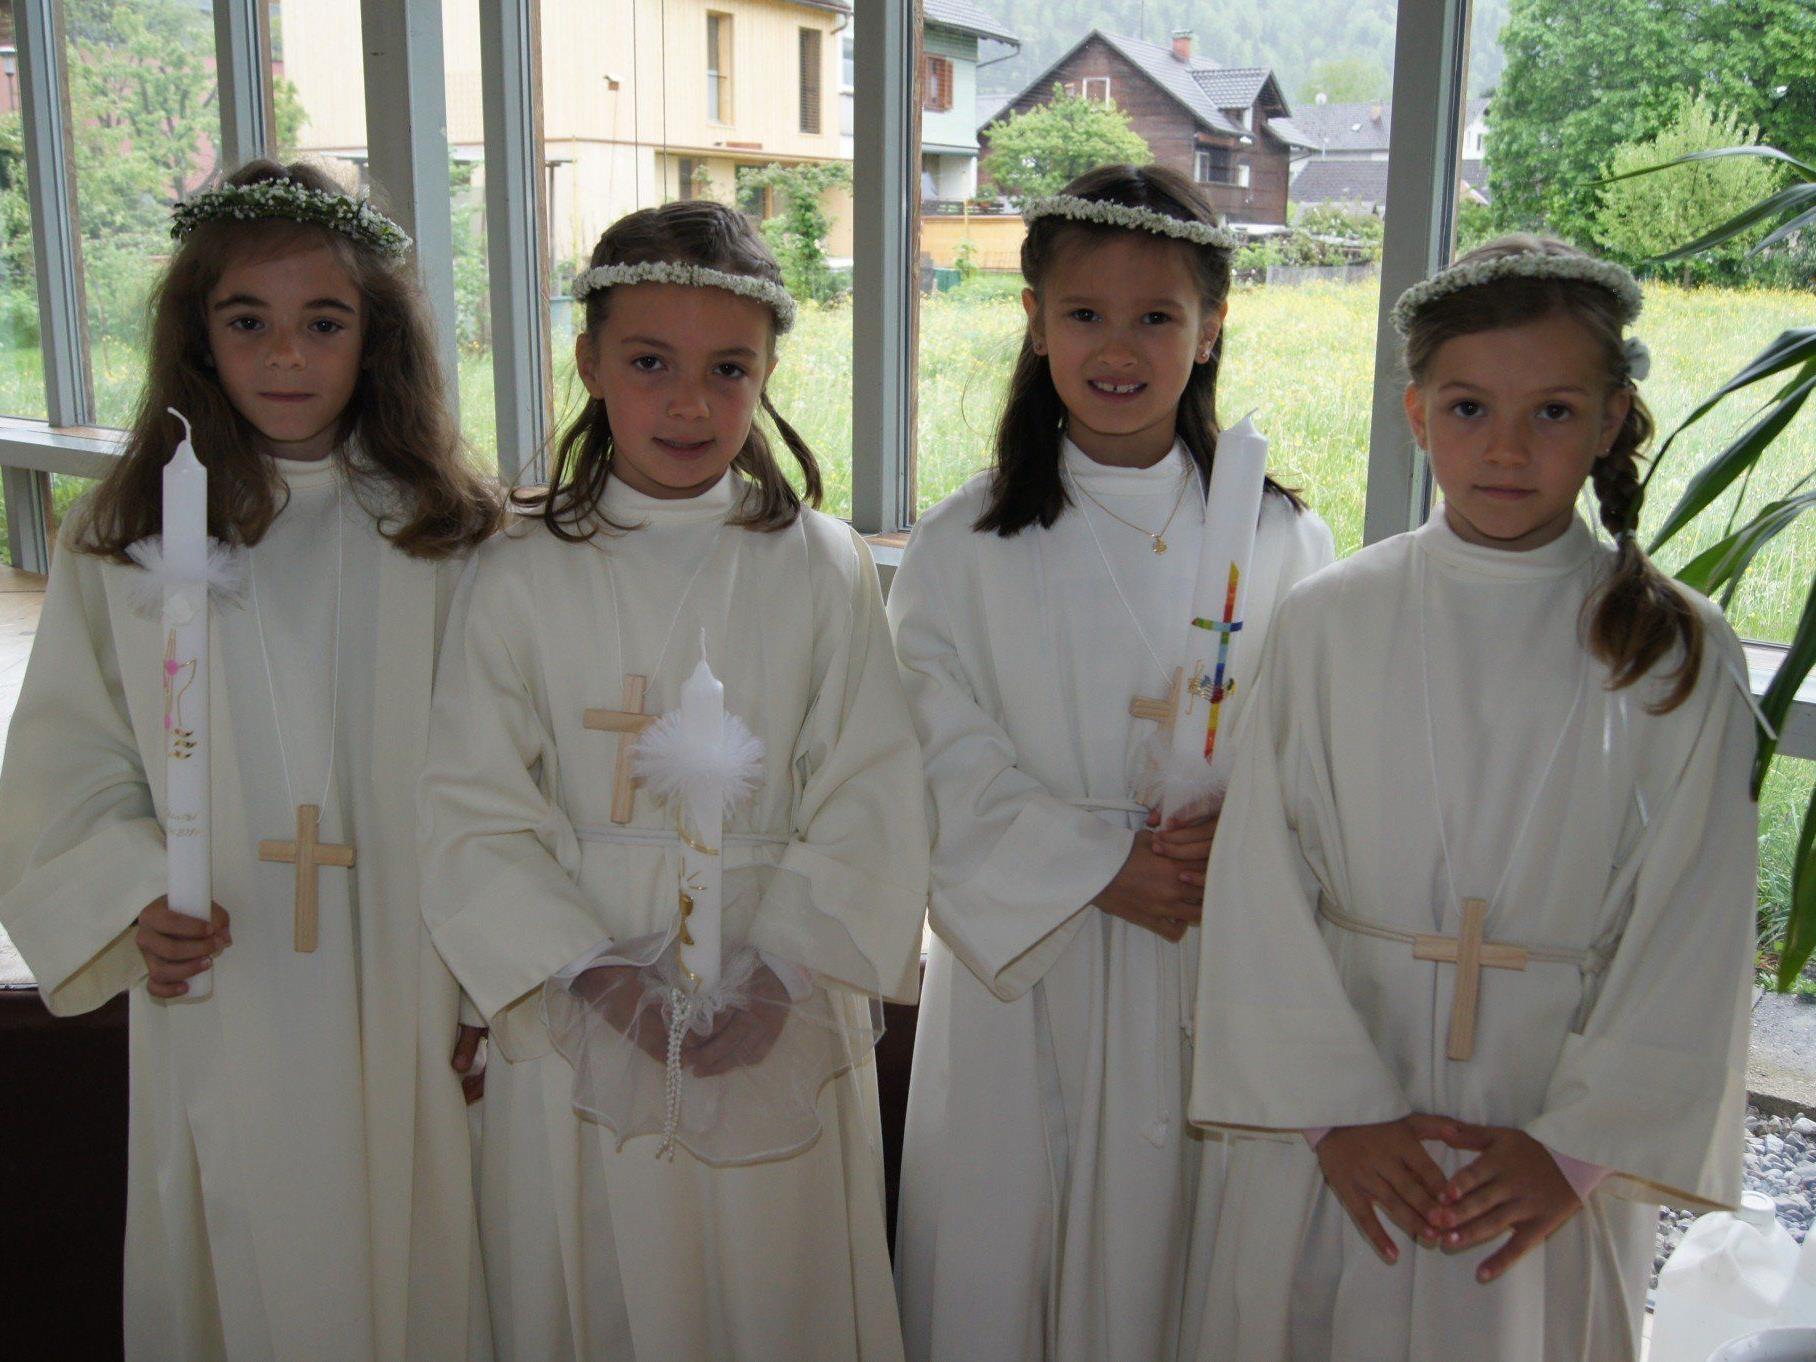 Chantal, Magdalena, Anabel und Cassandra, (VS Leopold) feierten am Sonntag ihren großen Tag der Erstkommunion.